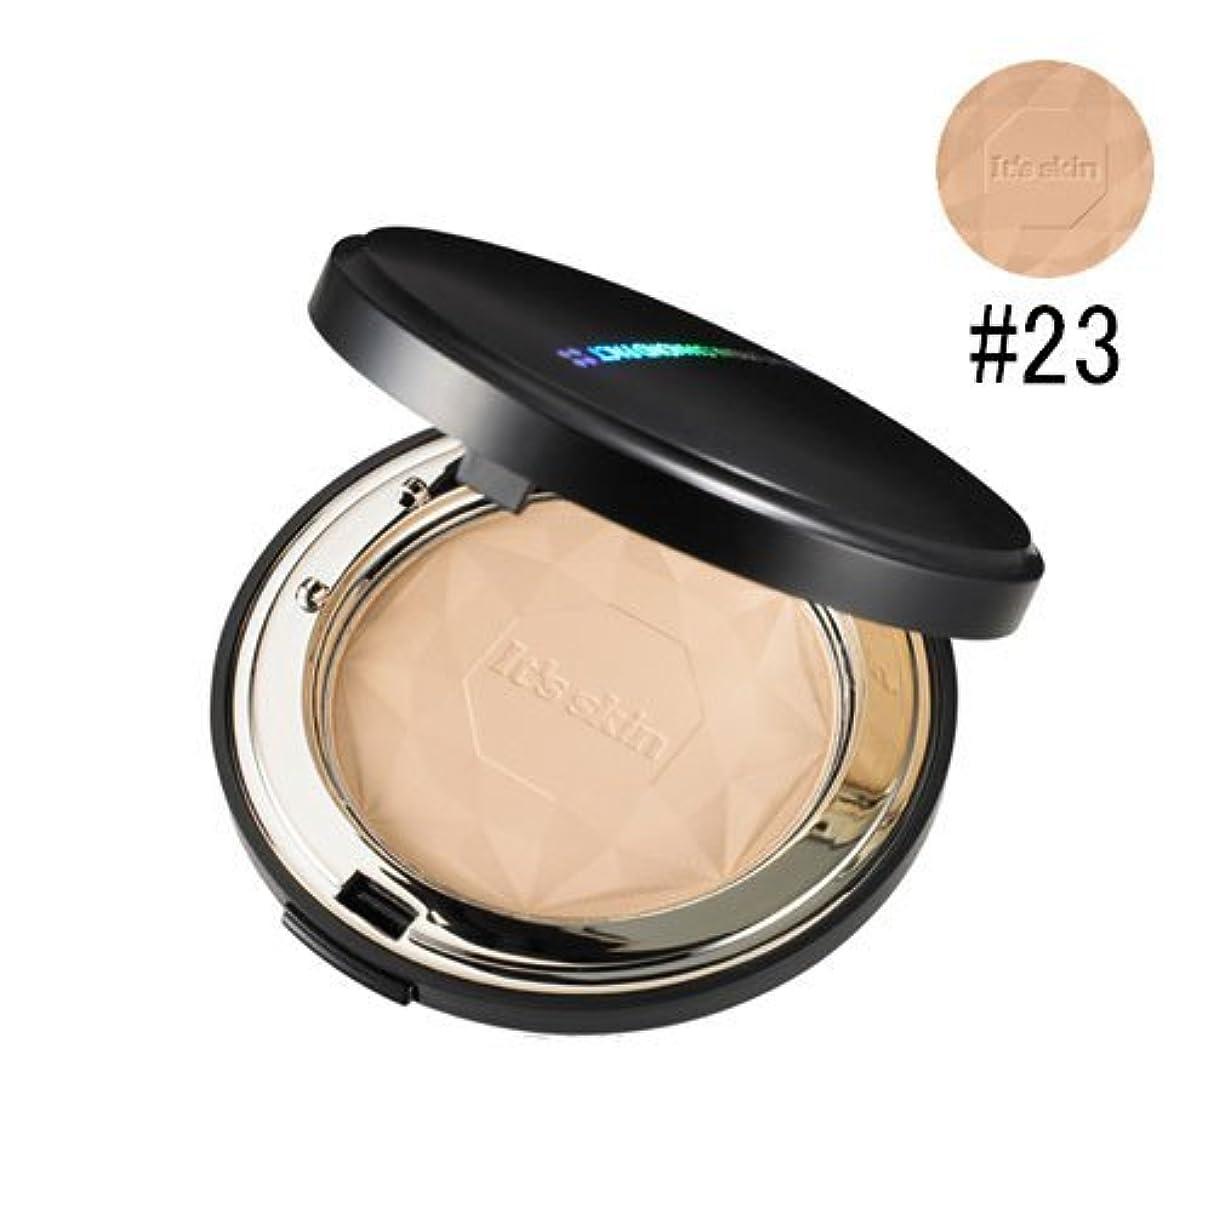 充実モーテルイタリアのIt's skin イッツスキン プリズマ ダイアモンドパクト SPF25 PA++# 23号ナチュラルベージュ